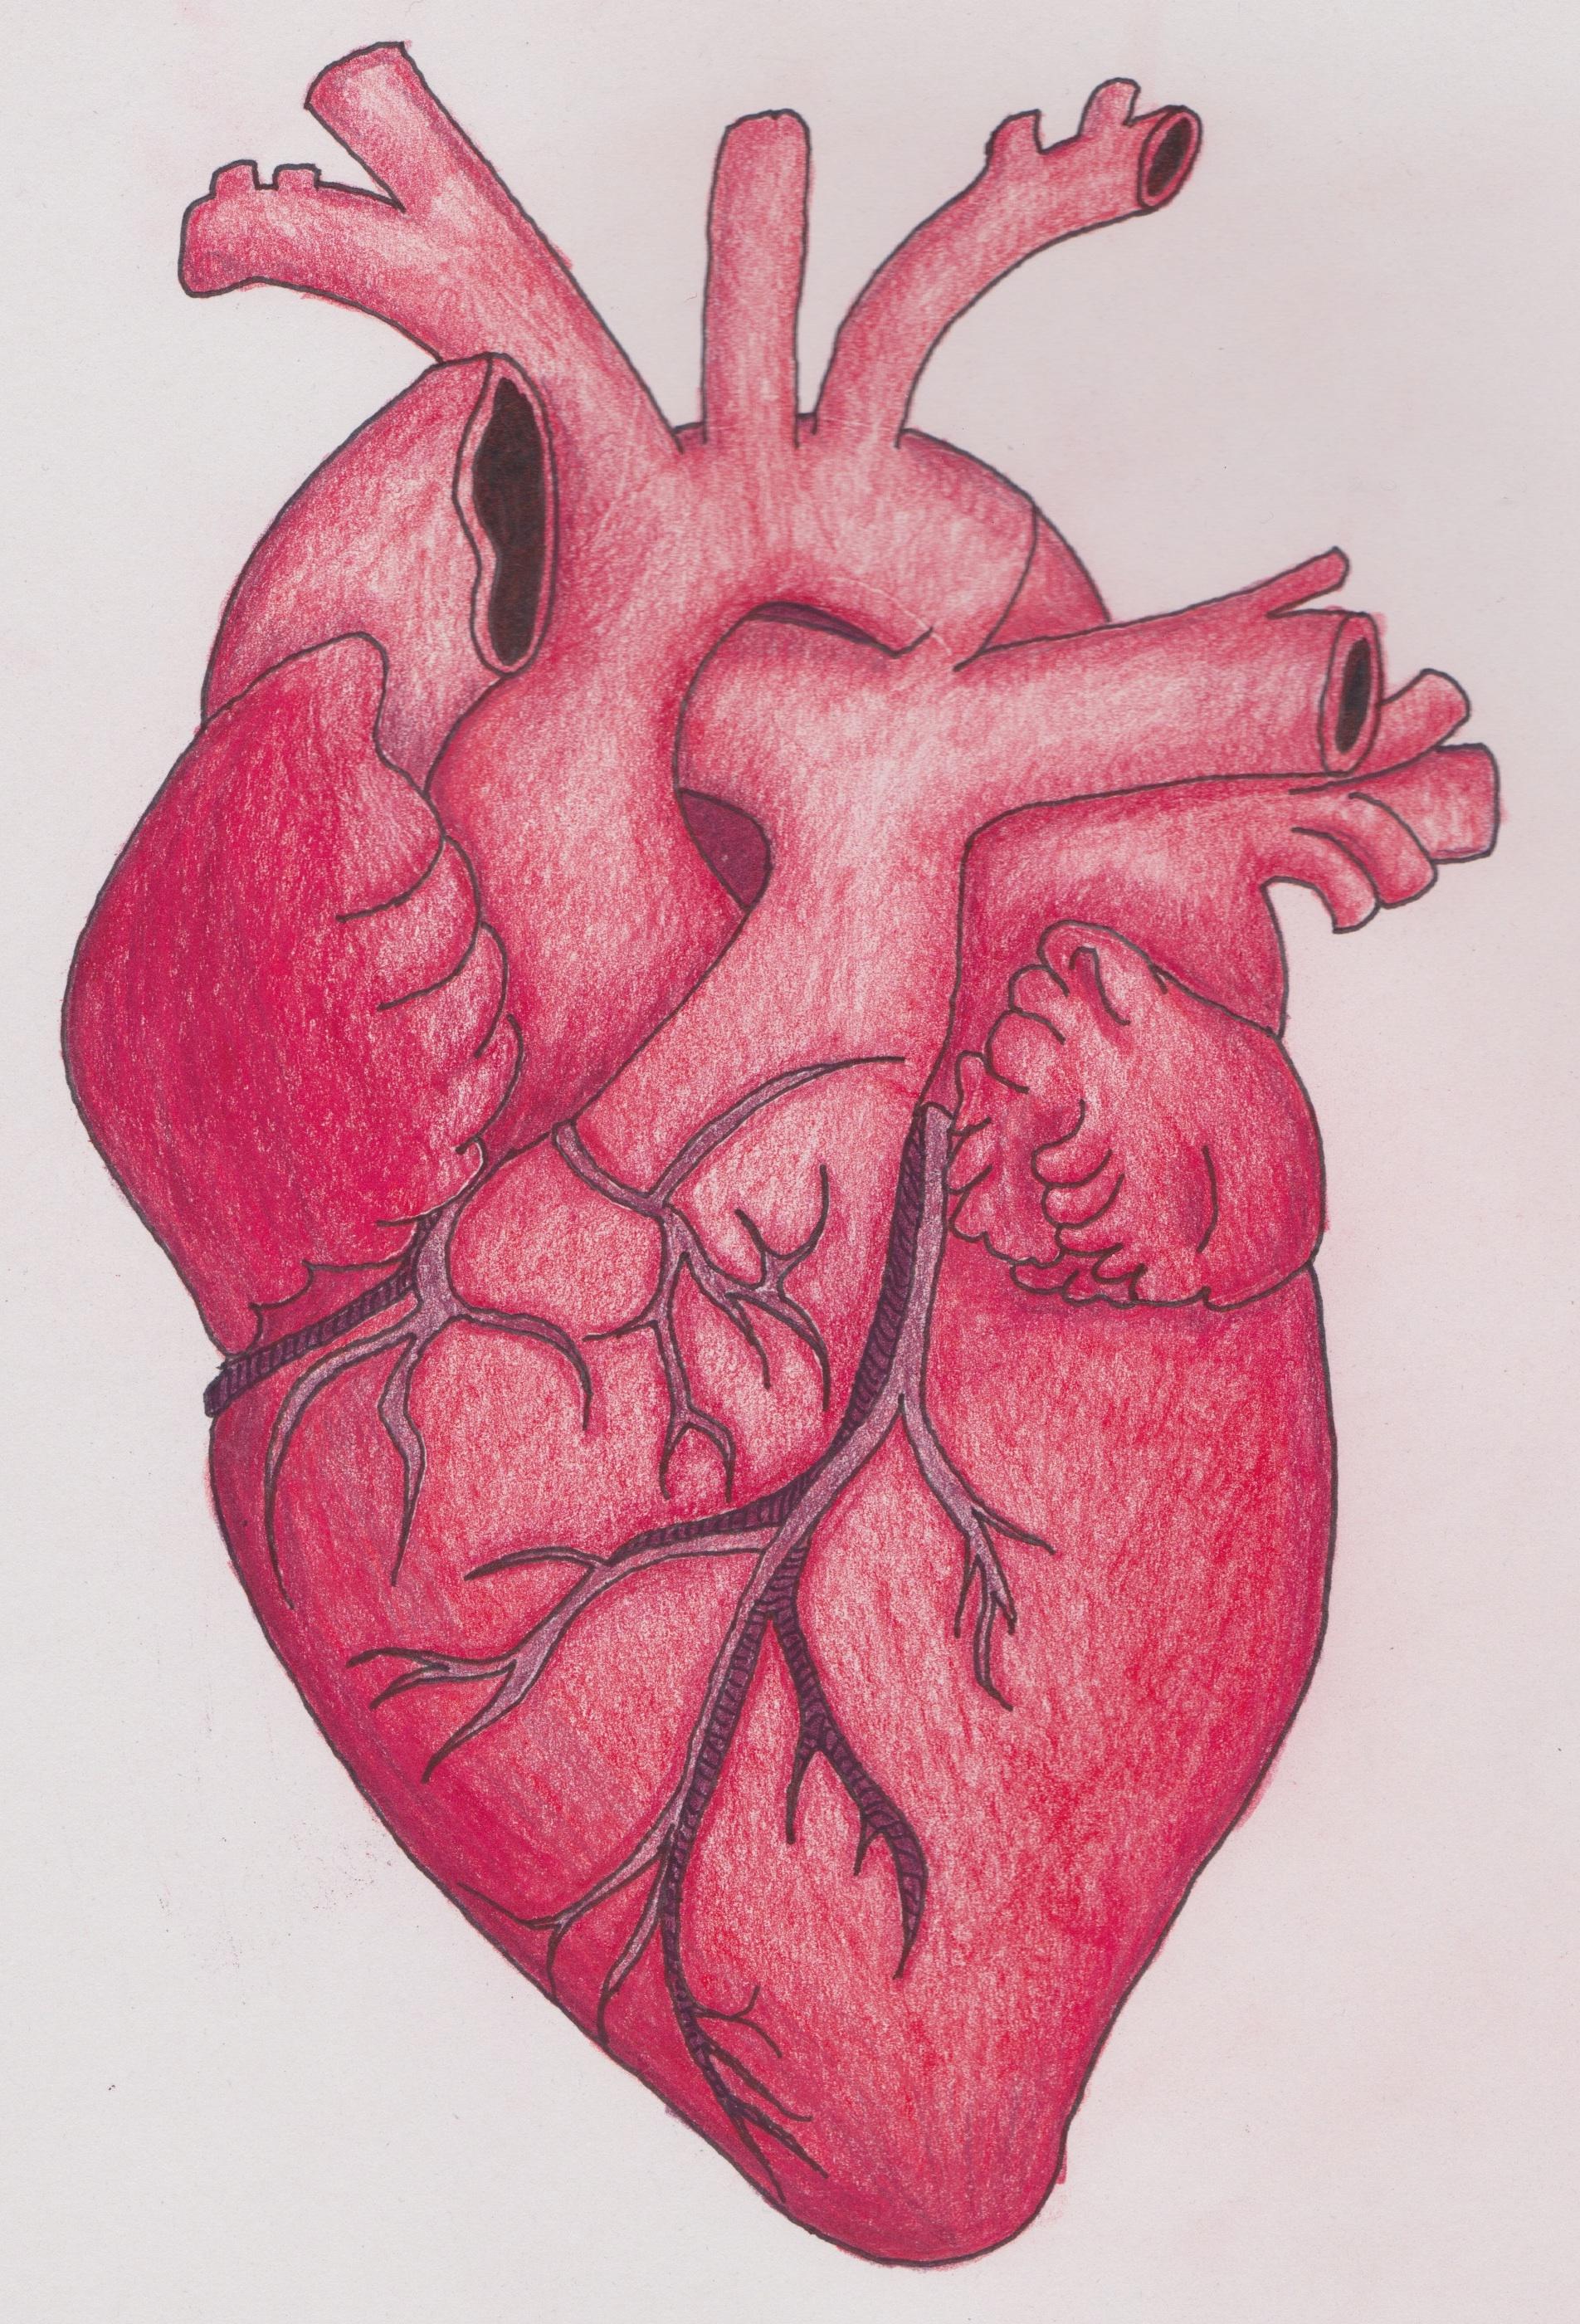 Картинки к слову сердце человека